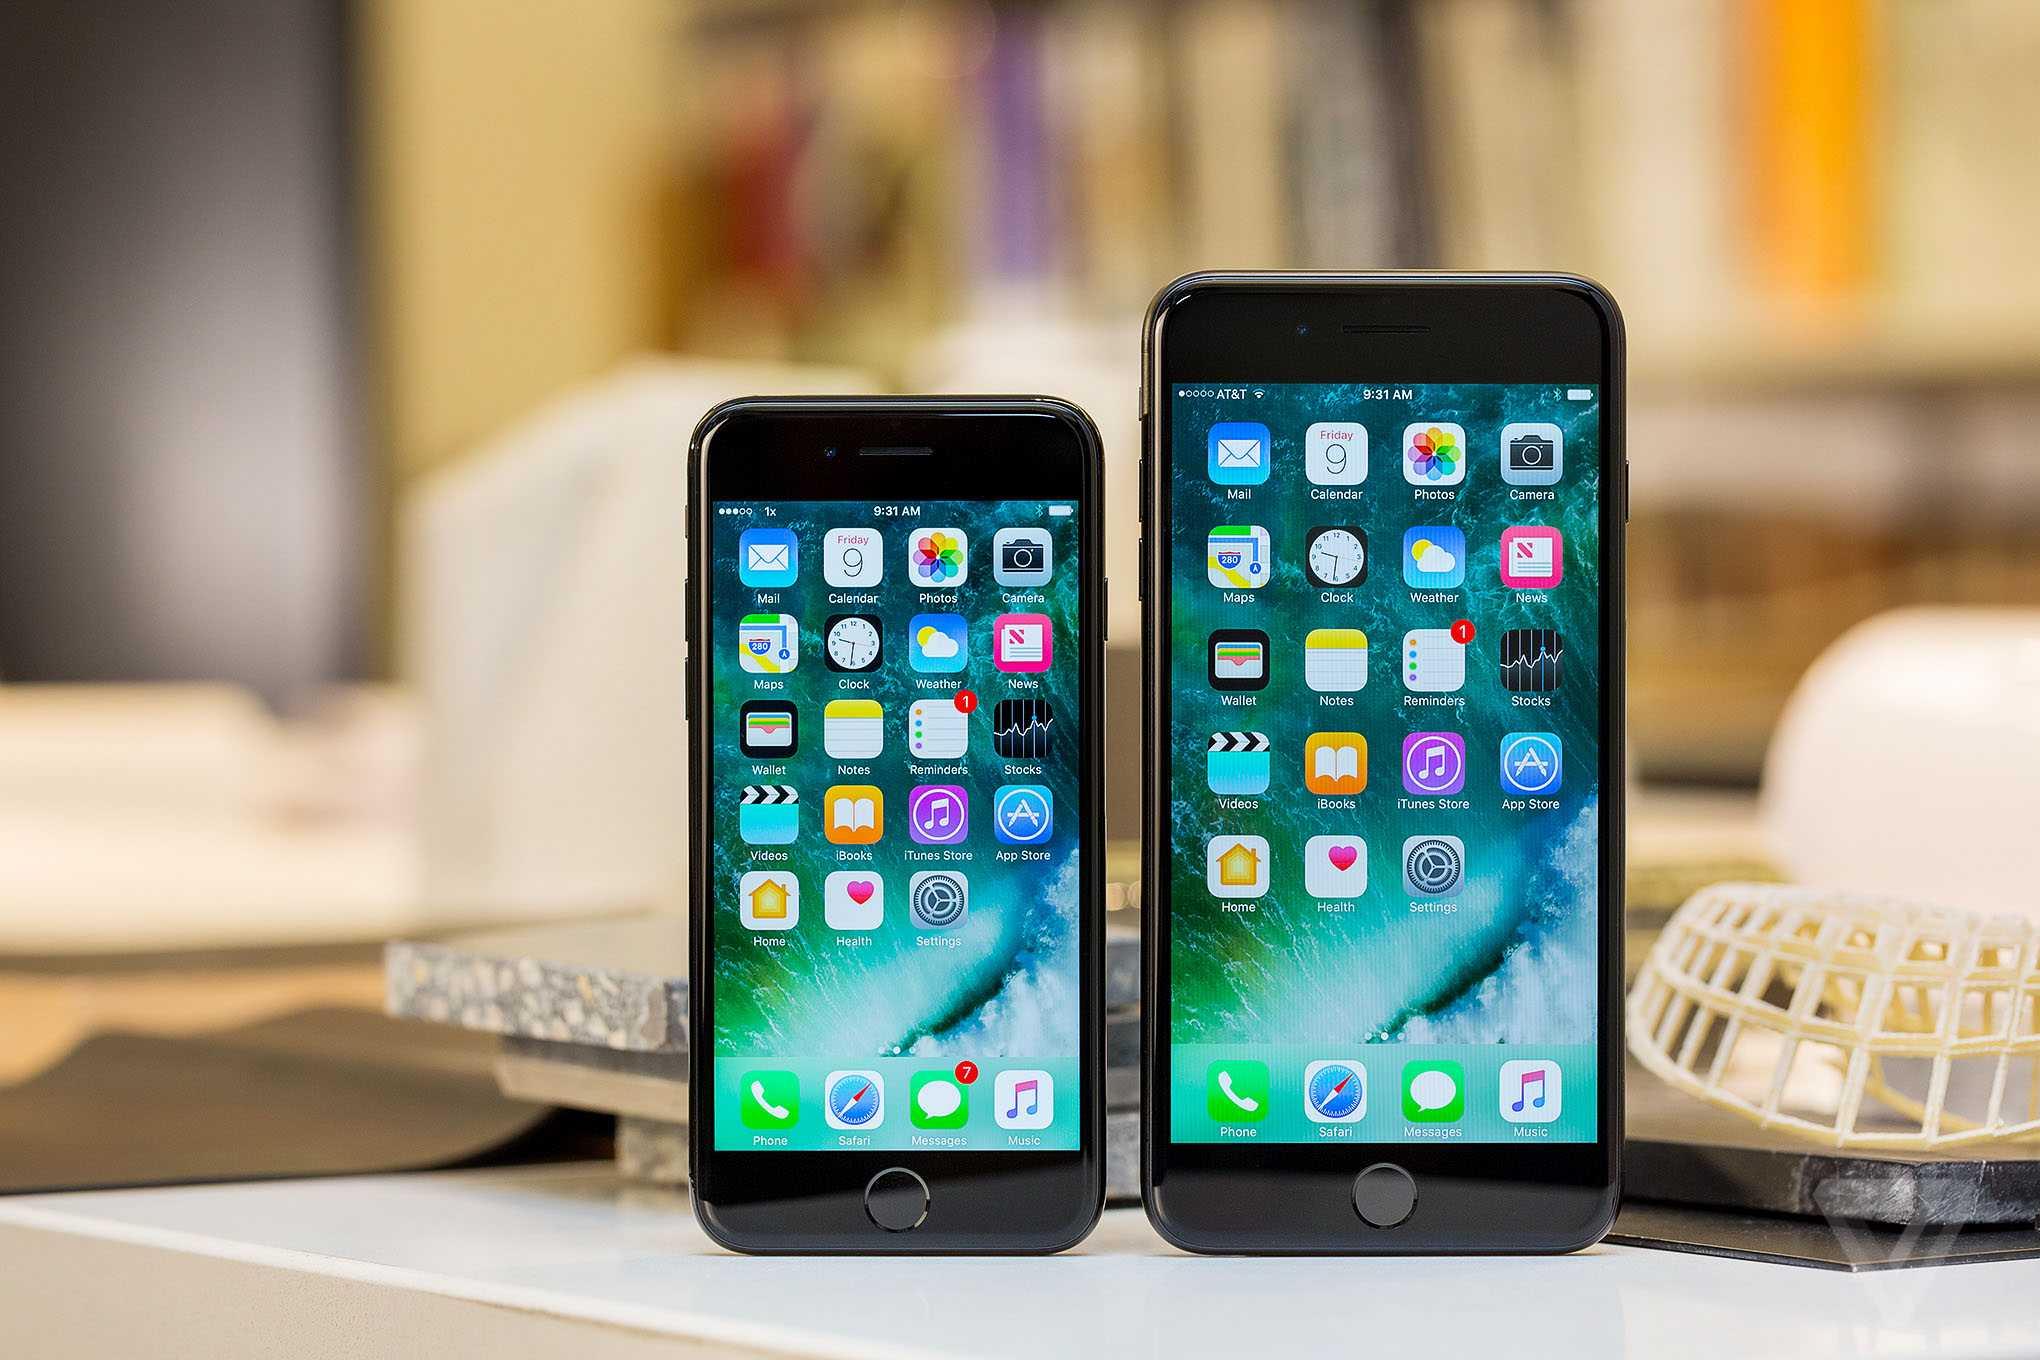 điện thoại iphone xách tay